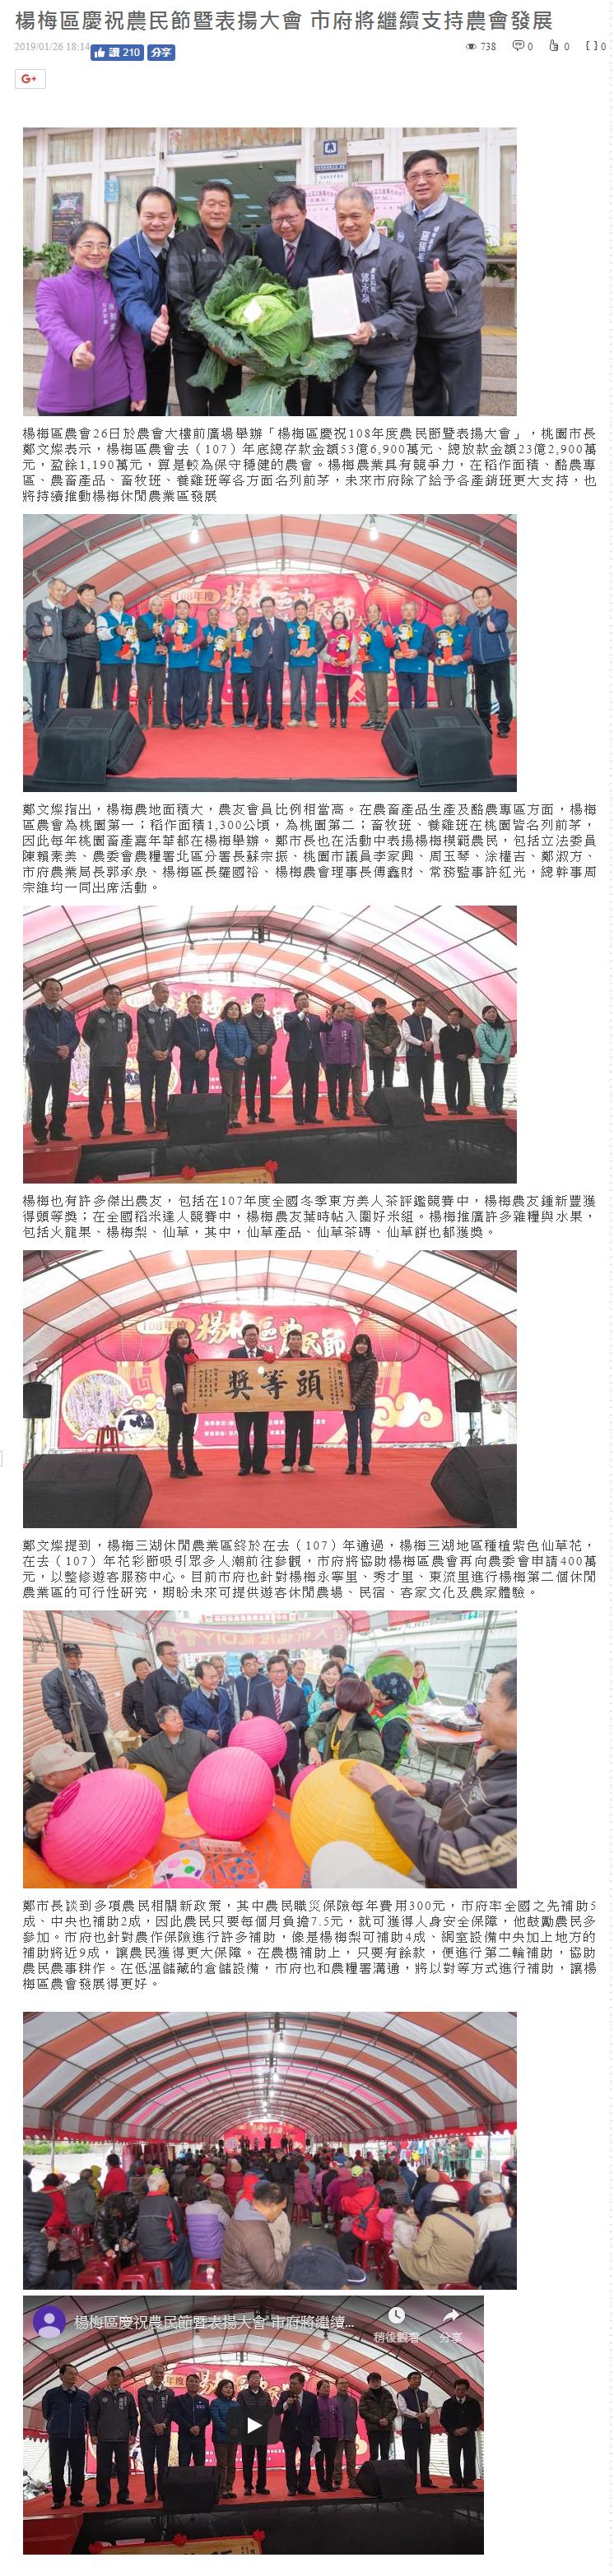 楊梅區慶祝農民節暨表揚大會 市府將繼續支持農會發展